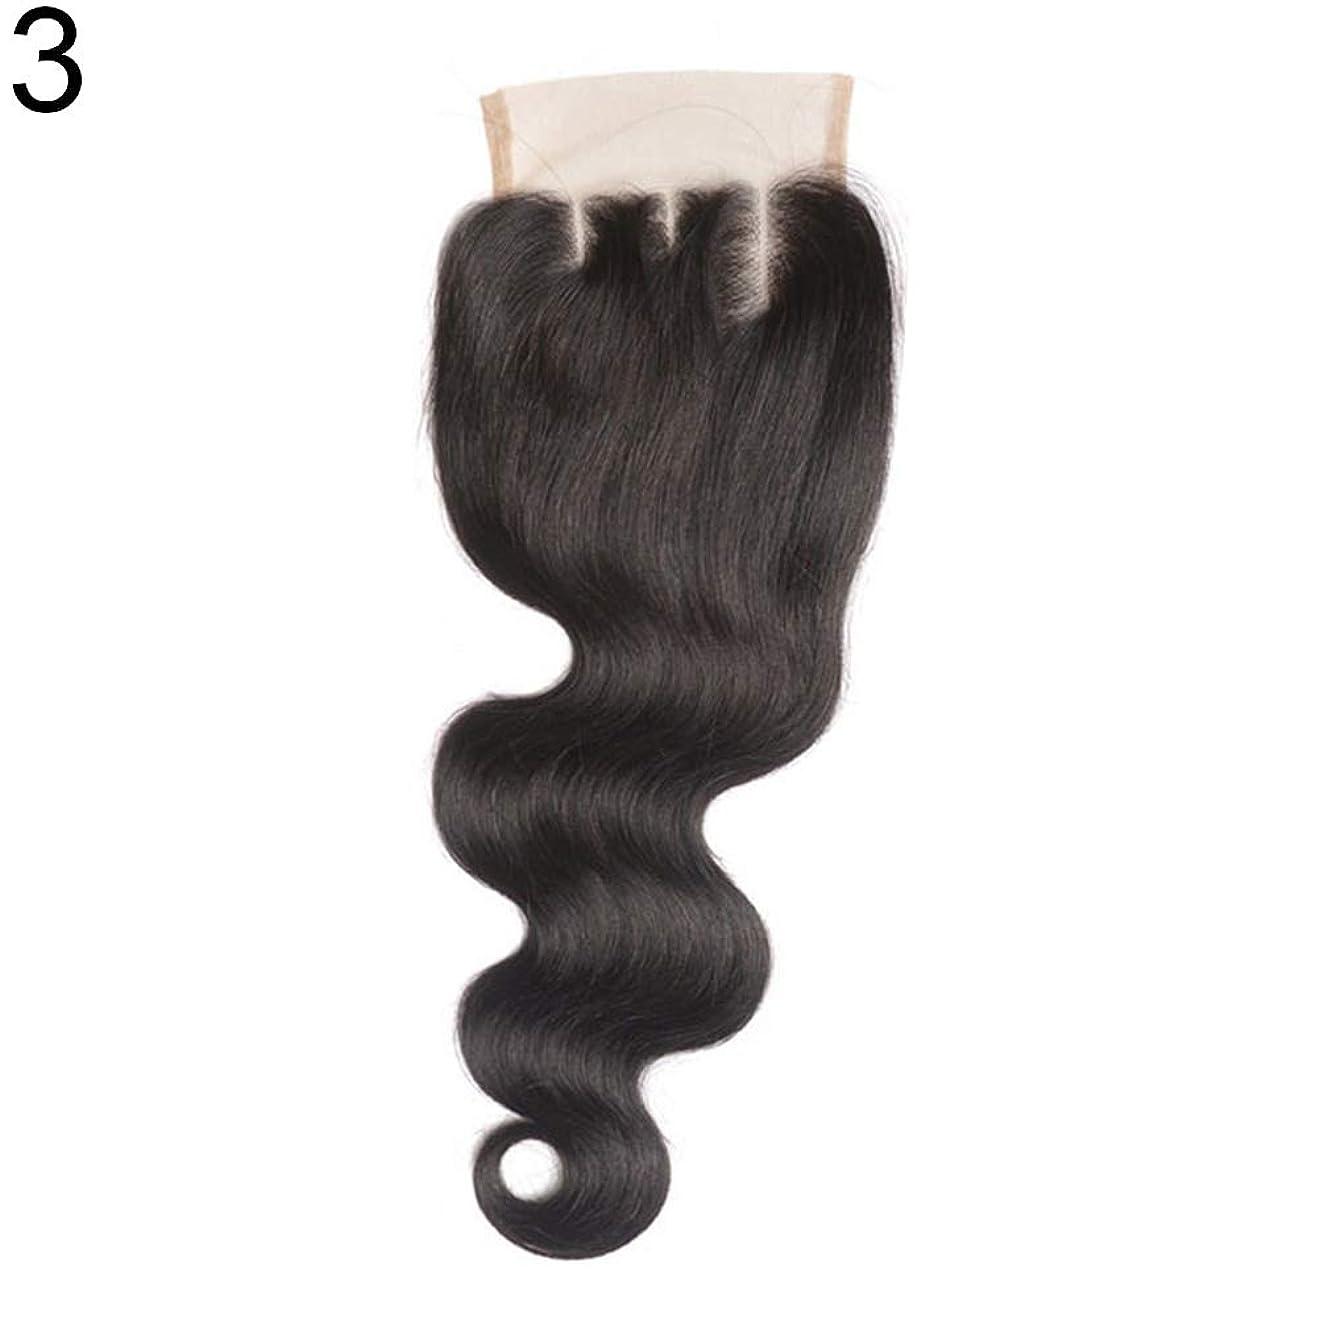 クリップ設計図三角slQinjiansav女性ウィッグ修理ツールブラジルのミドル/フリー/3部人間の髪のレース閉鎖ウィッグ黒ヘアピース